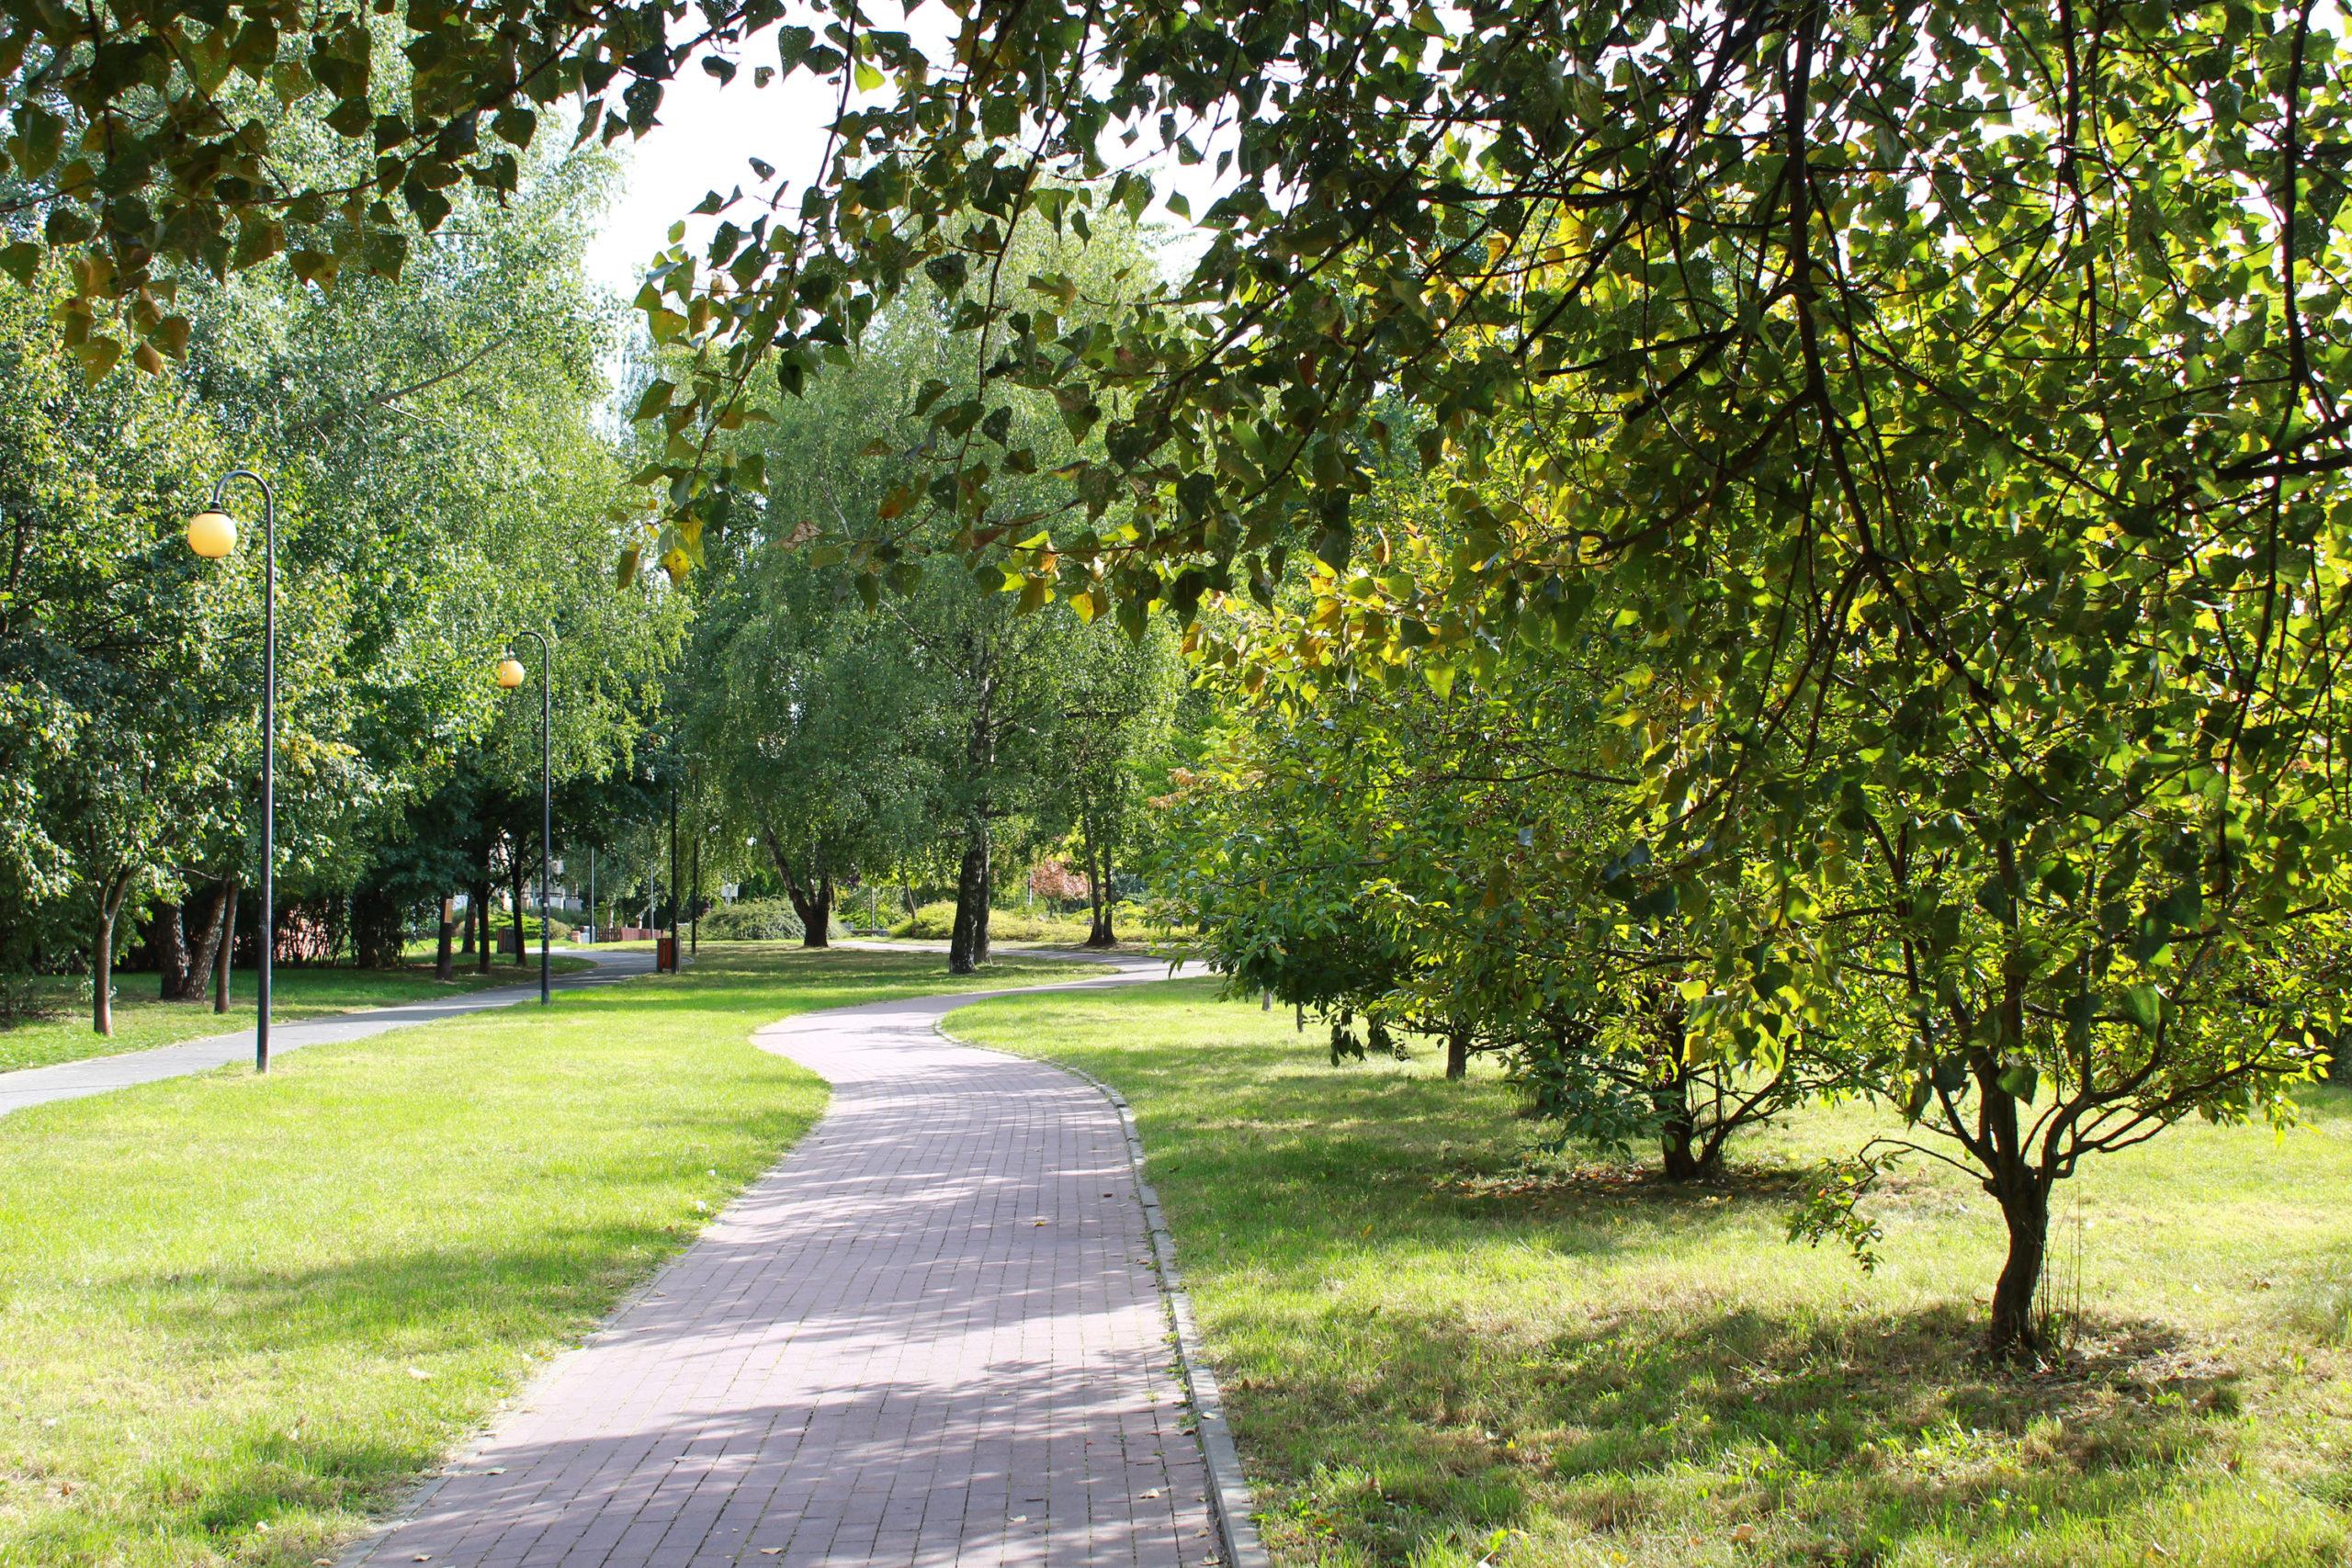 ścieżka rowerowa wśród drzew